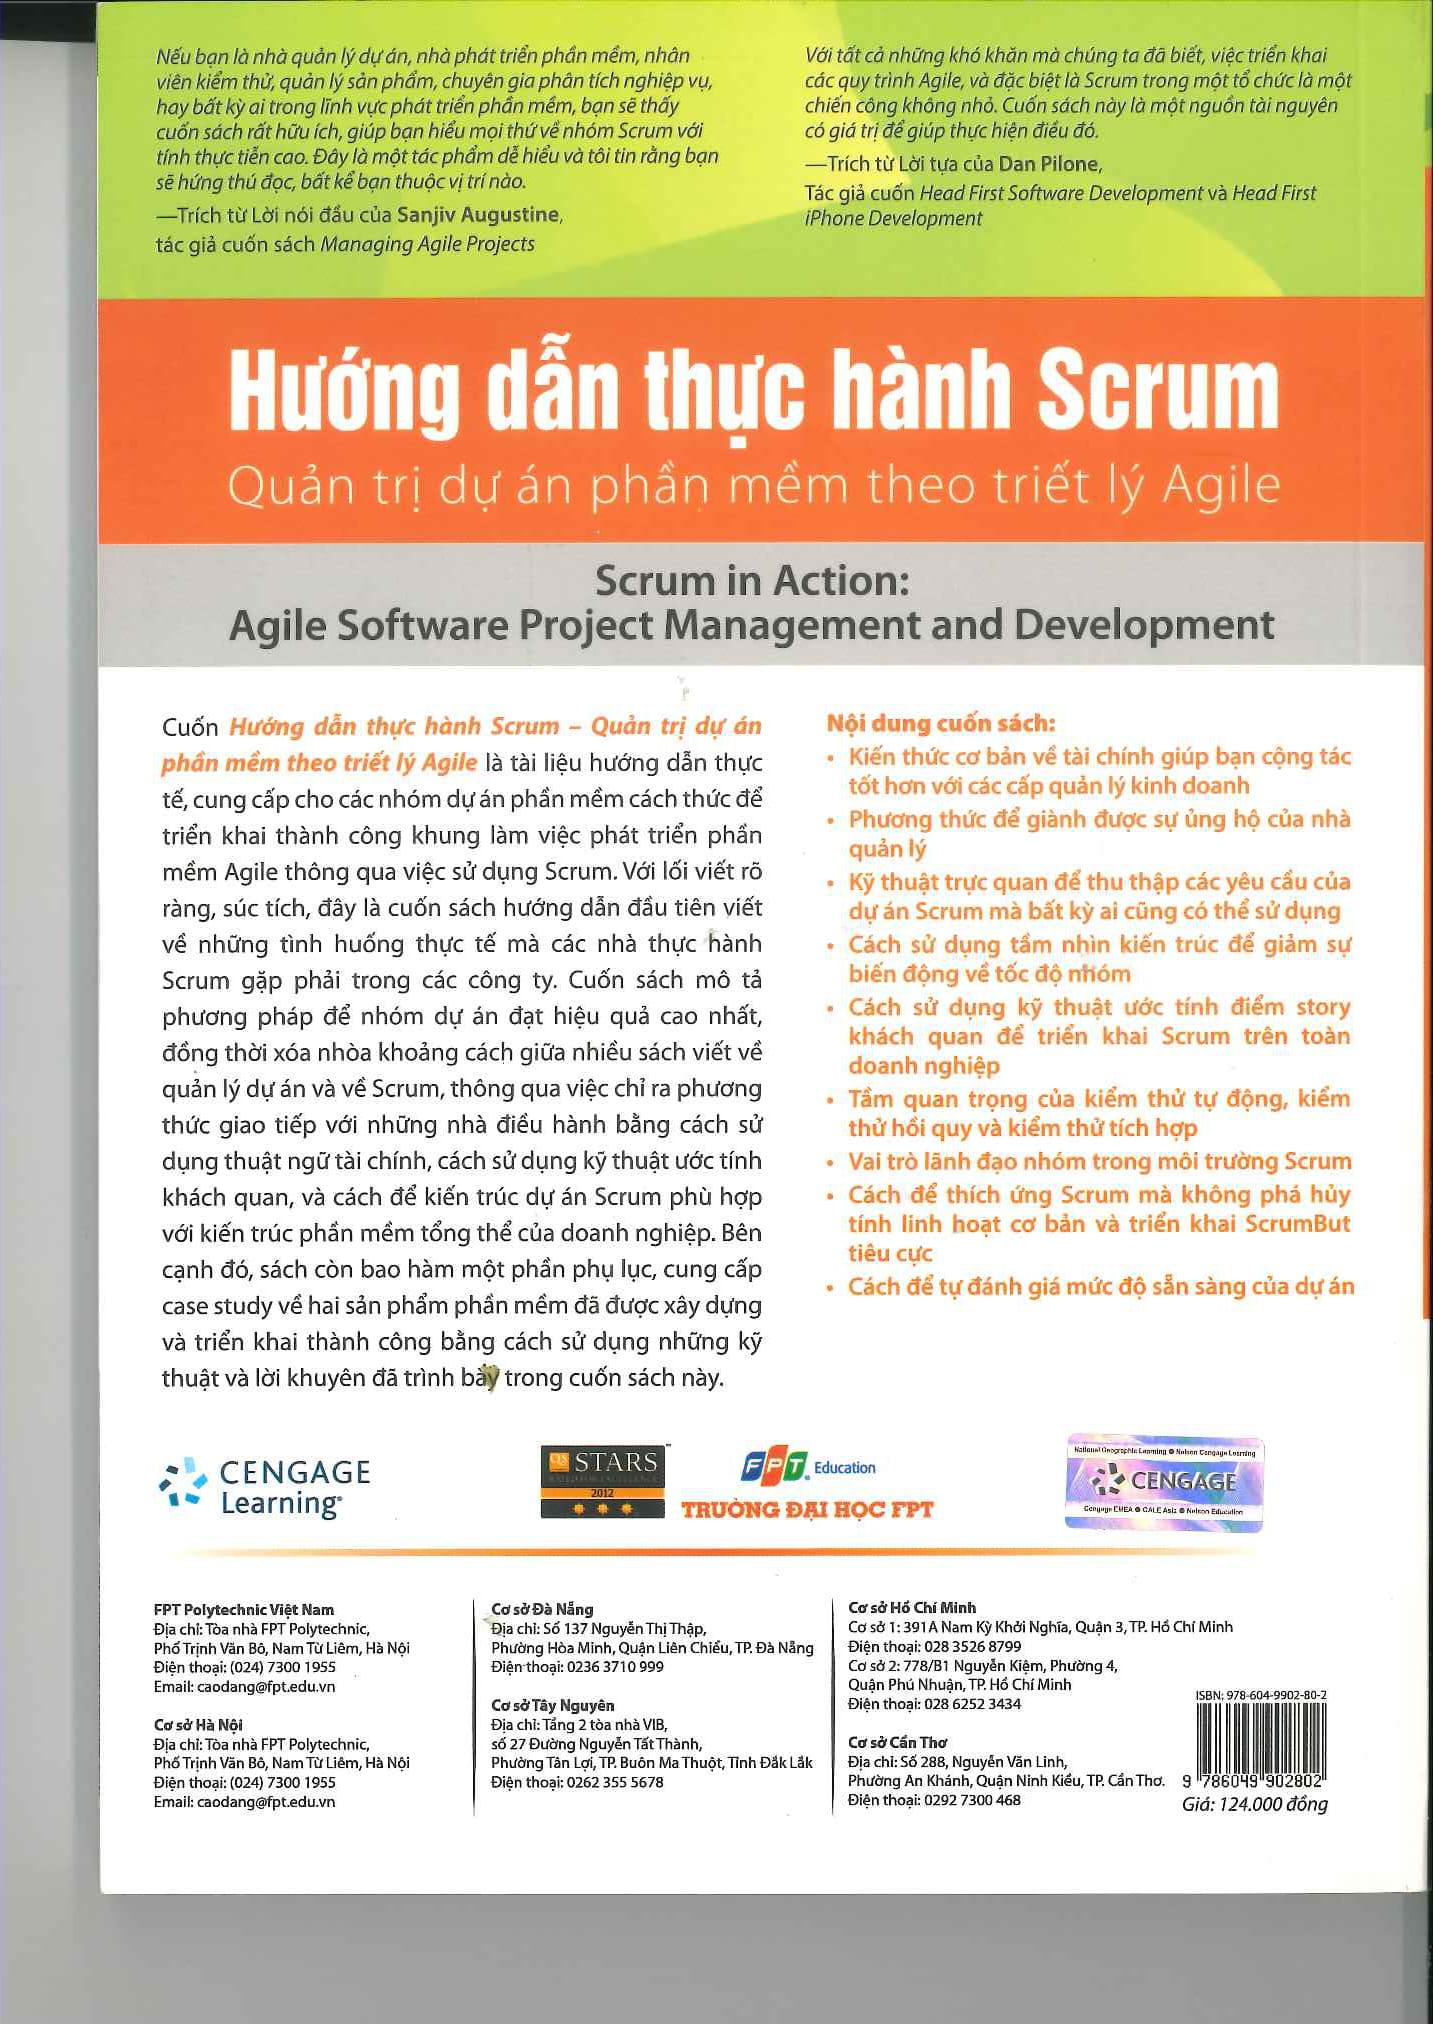 Hướng dẫn thực hành Scrum: Quản trị dự án phần mềm theo triết lý Agile